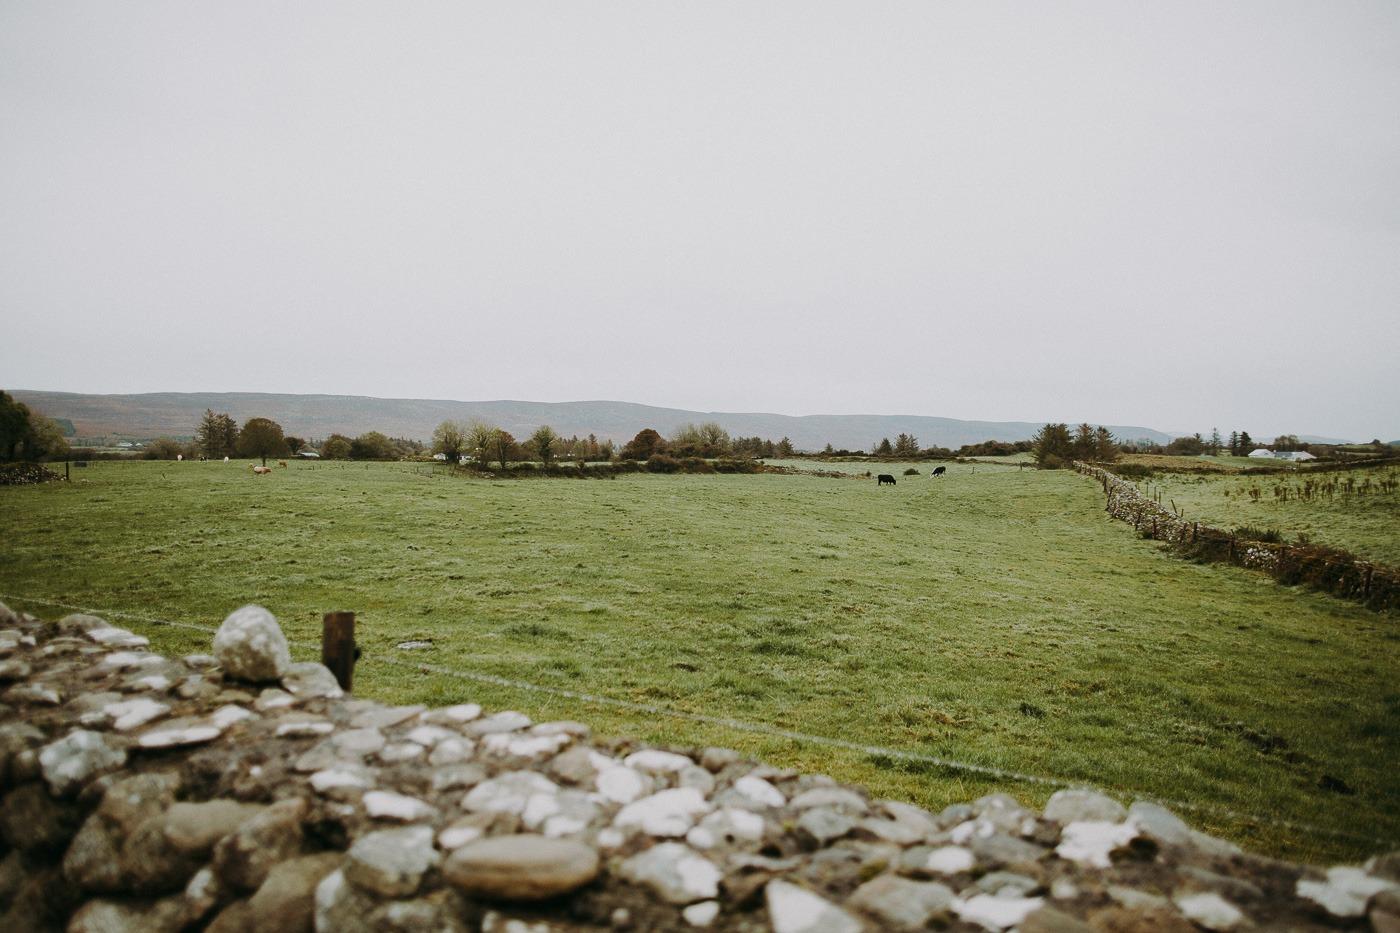 A herd of sheep grazing in a rocky field